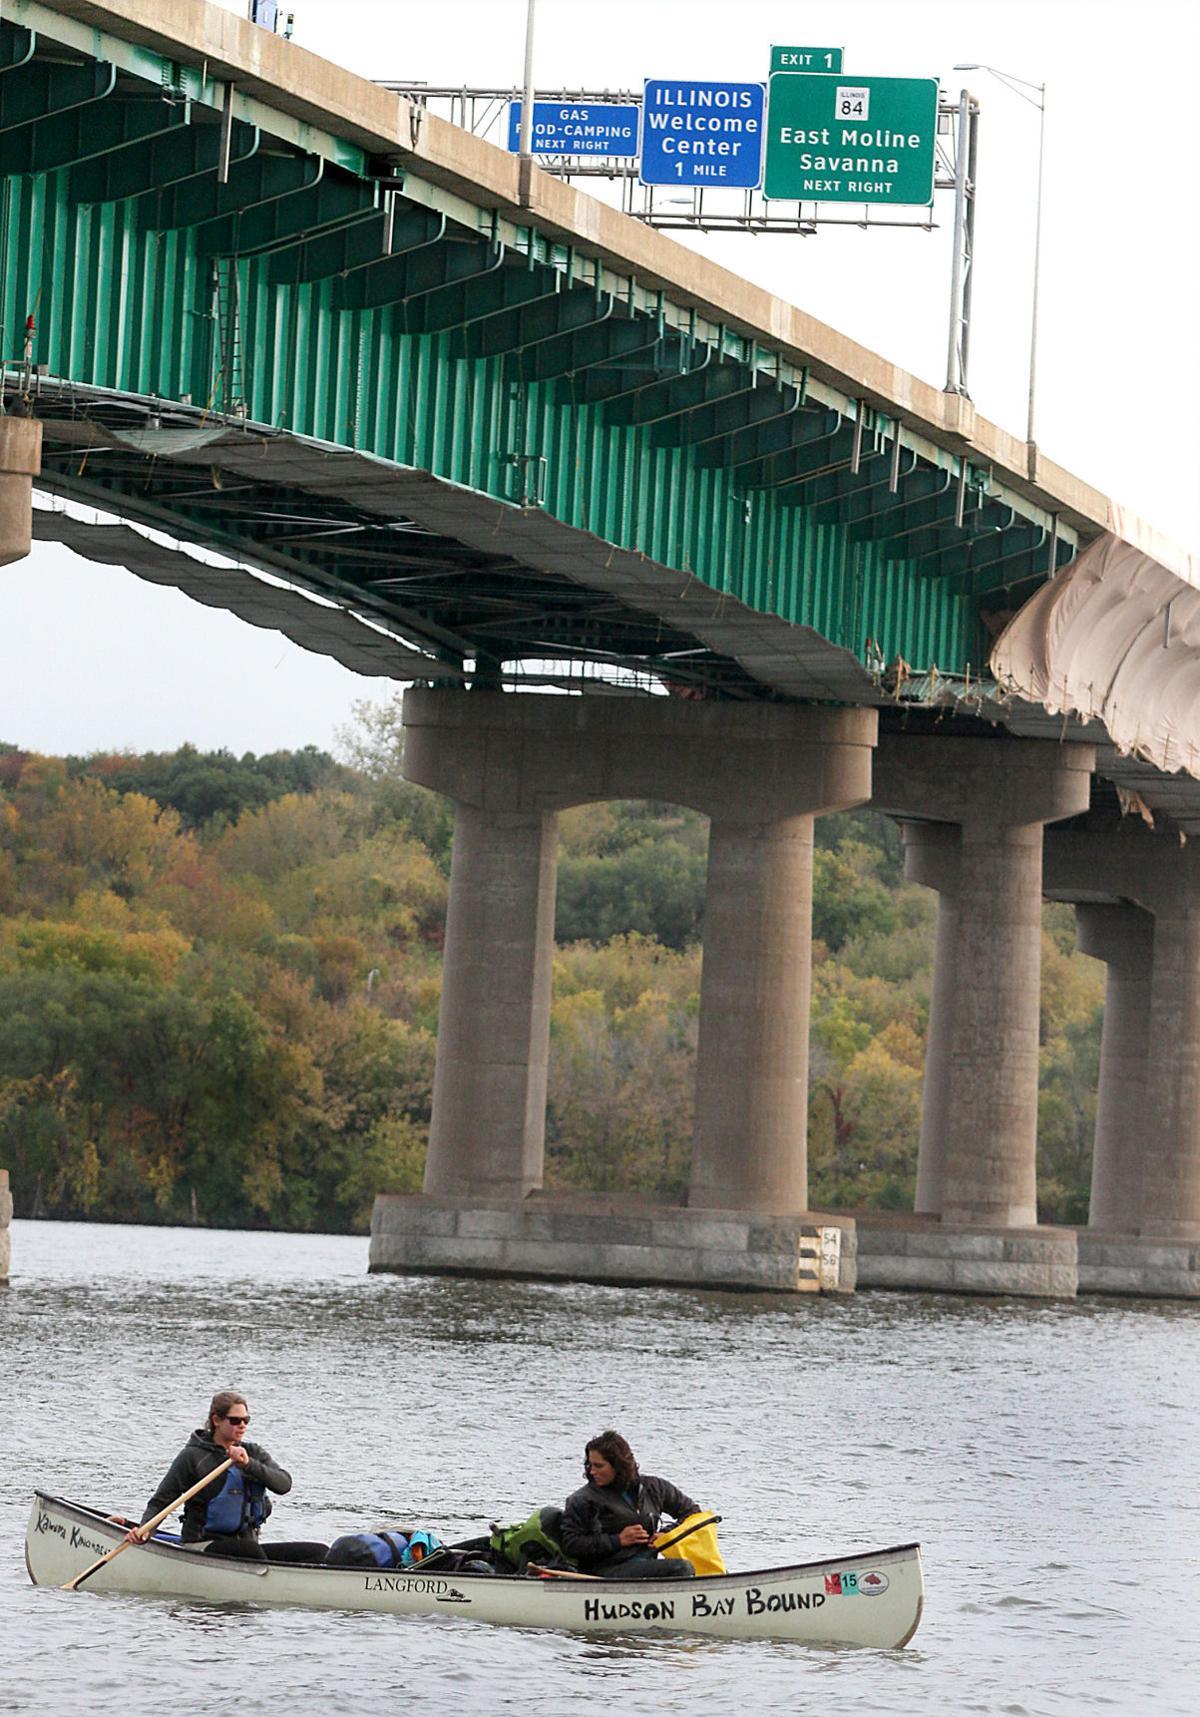 Interstate 80 Bridge